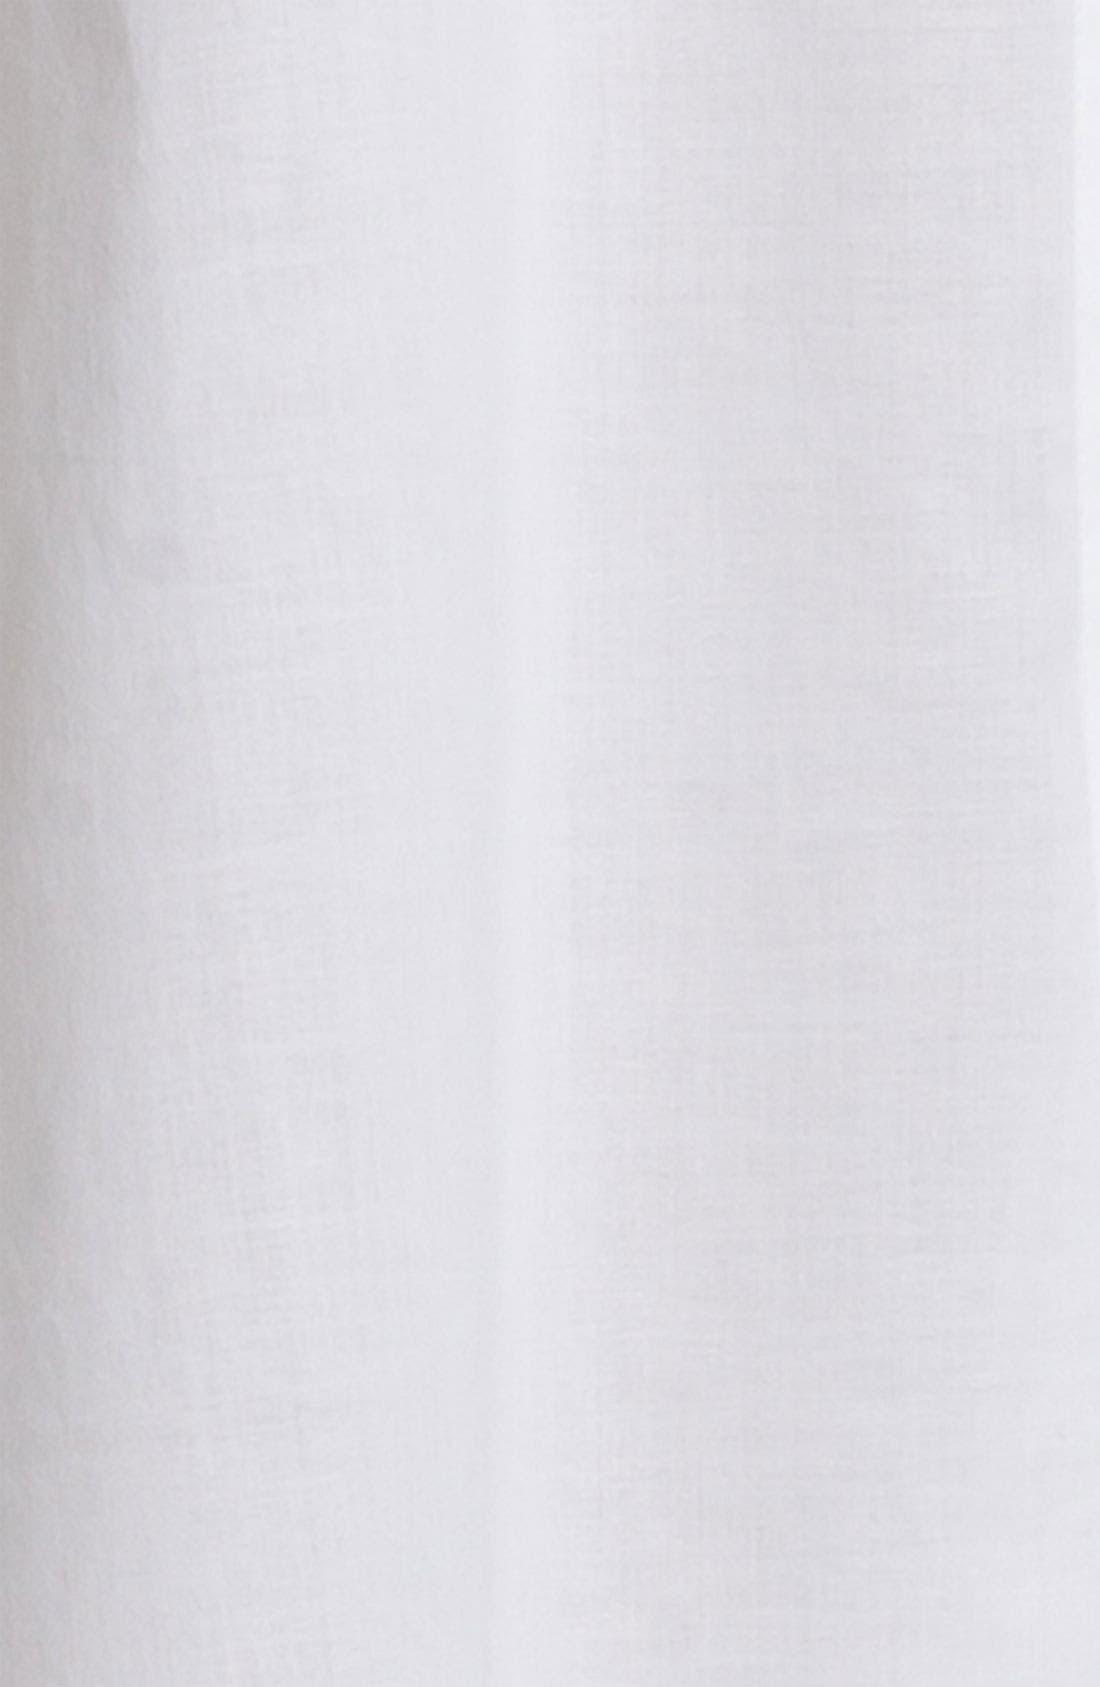 Alternate Image 3  - Shimera 'Mix It Up' Nightshirt